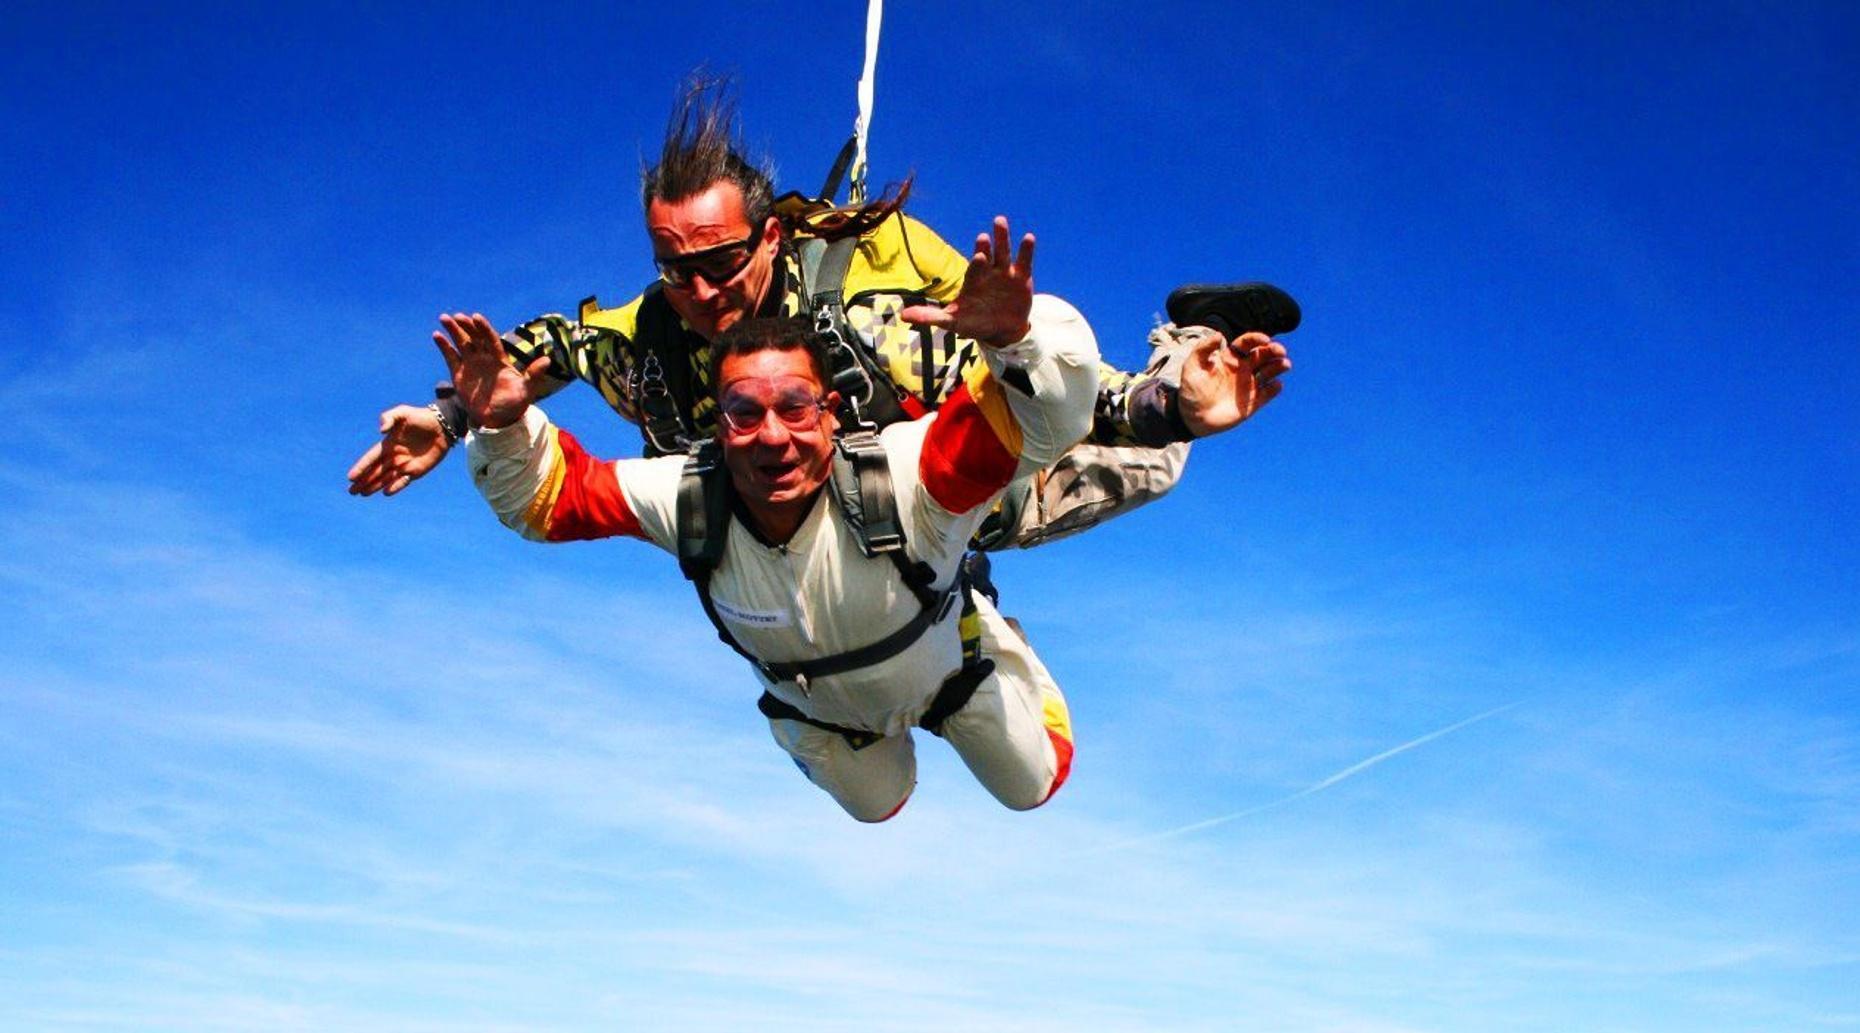 Tandem Skydiving Adventure in Phoenix